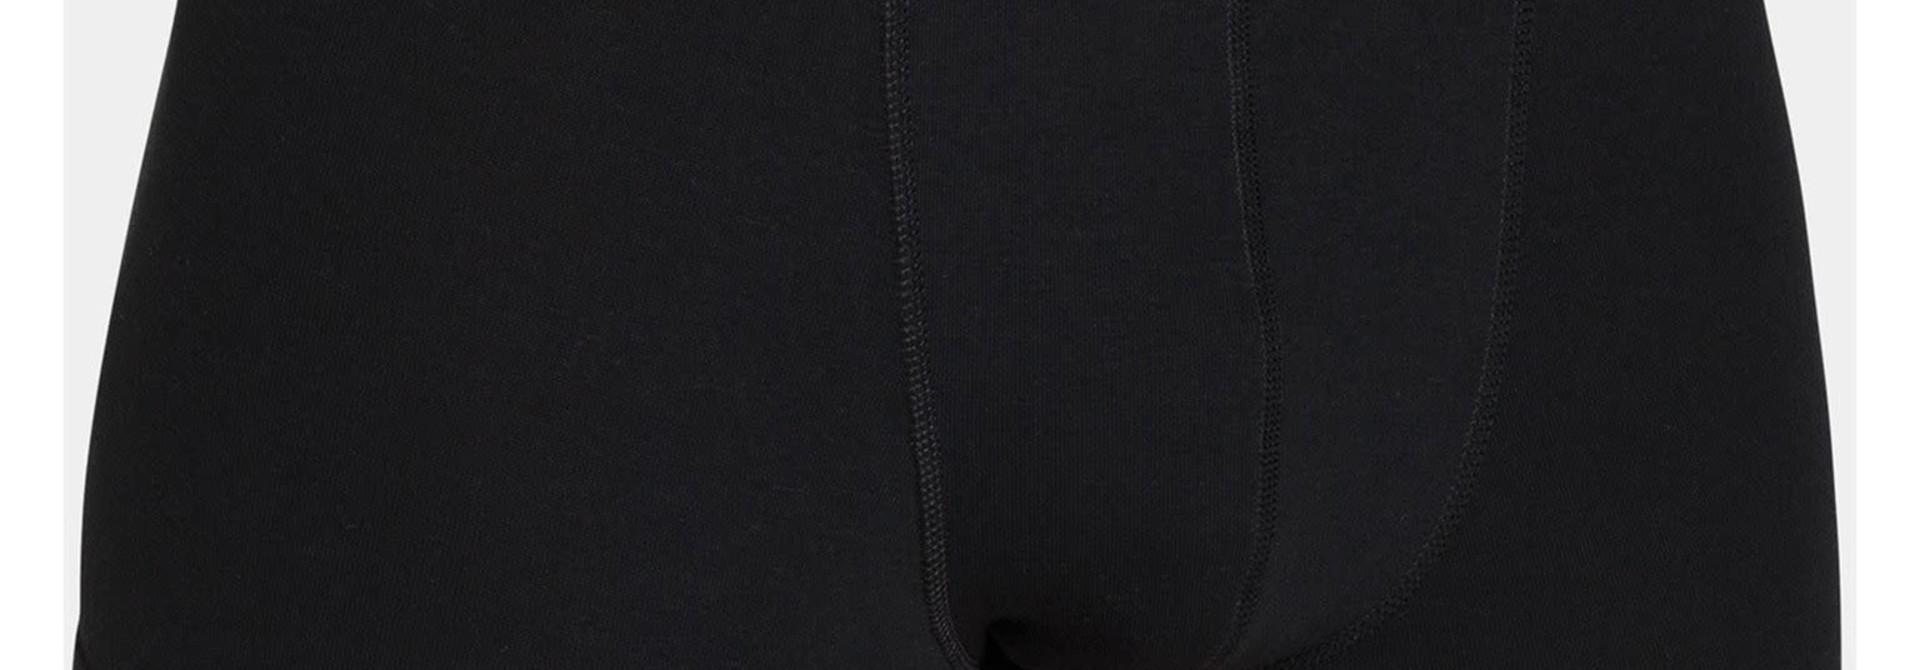 Short Basic 10004753 - zwart